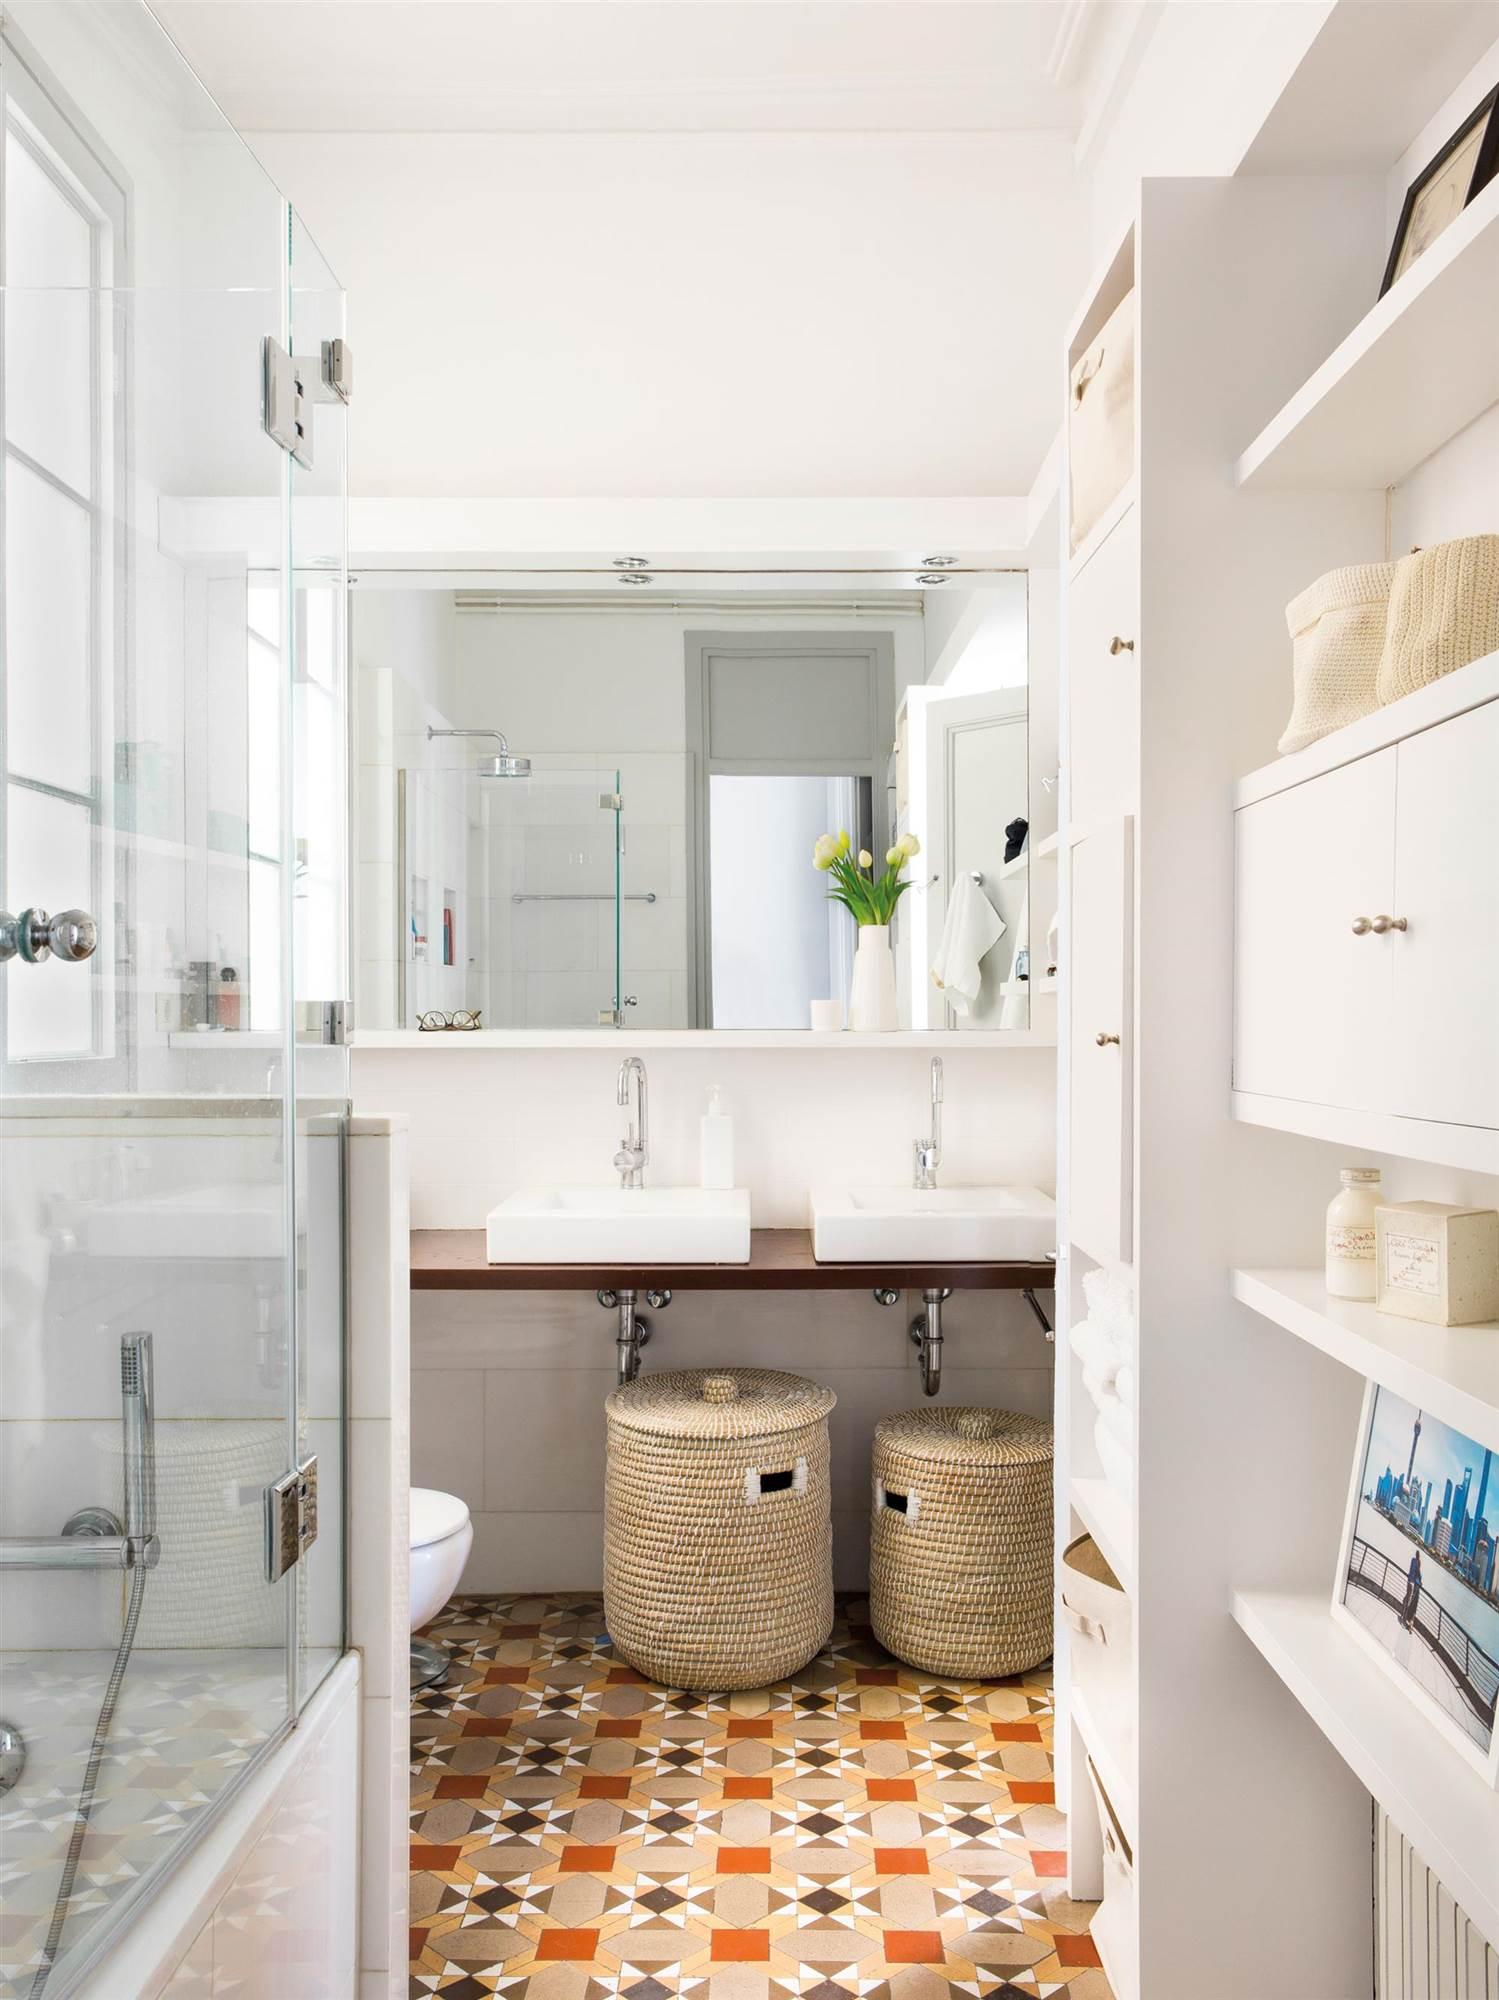 Muebles a medida para ganar espacio en un baño pequeño